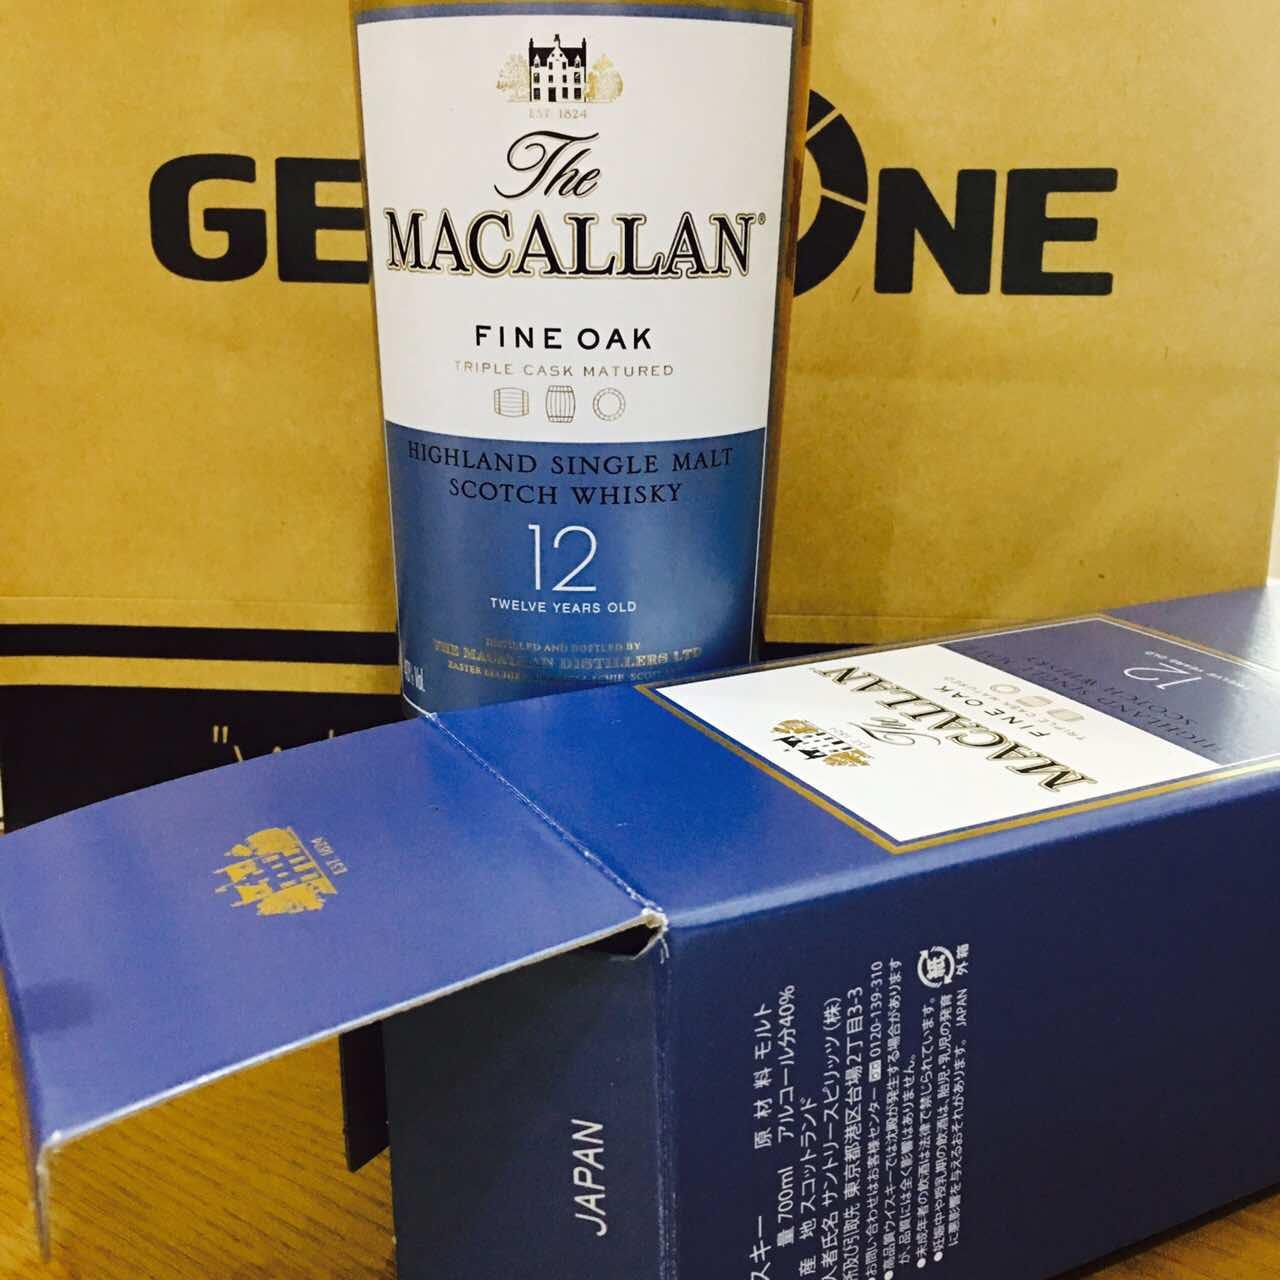 Trên hộp của rượu Macallan Fine Oak 12 mua tại thị trường Nhật có đầy đủ thông tin của nhà phân phối Suntory trên vỏ hộp